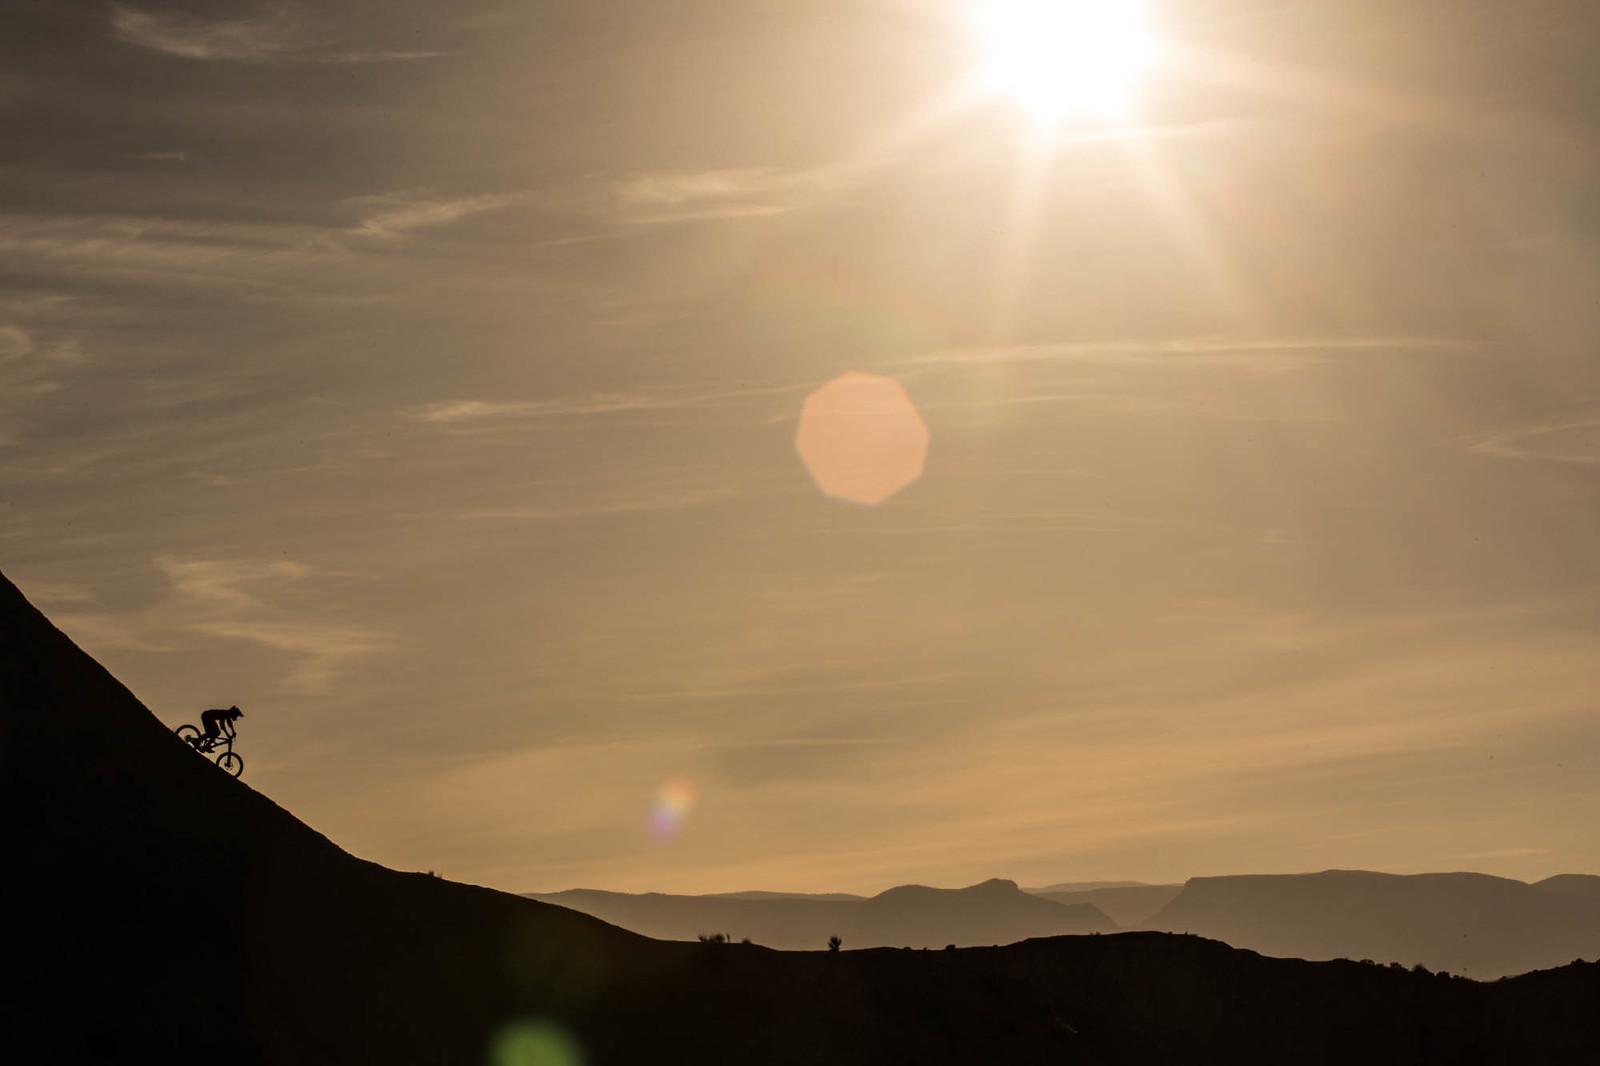 desert silhouette - Hannes Klausner - Mountain Biking Pictures - Vital MTB